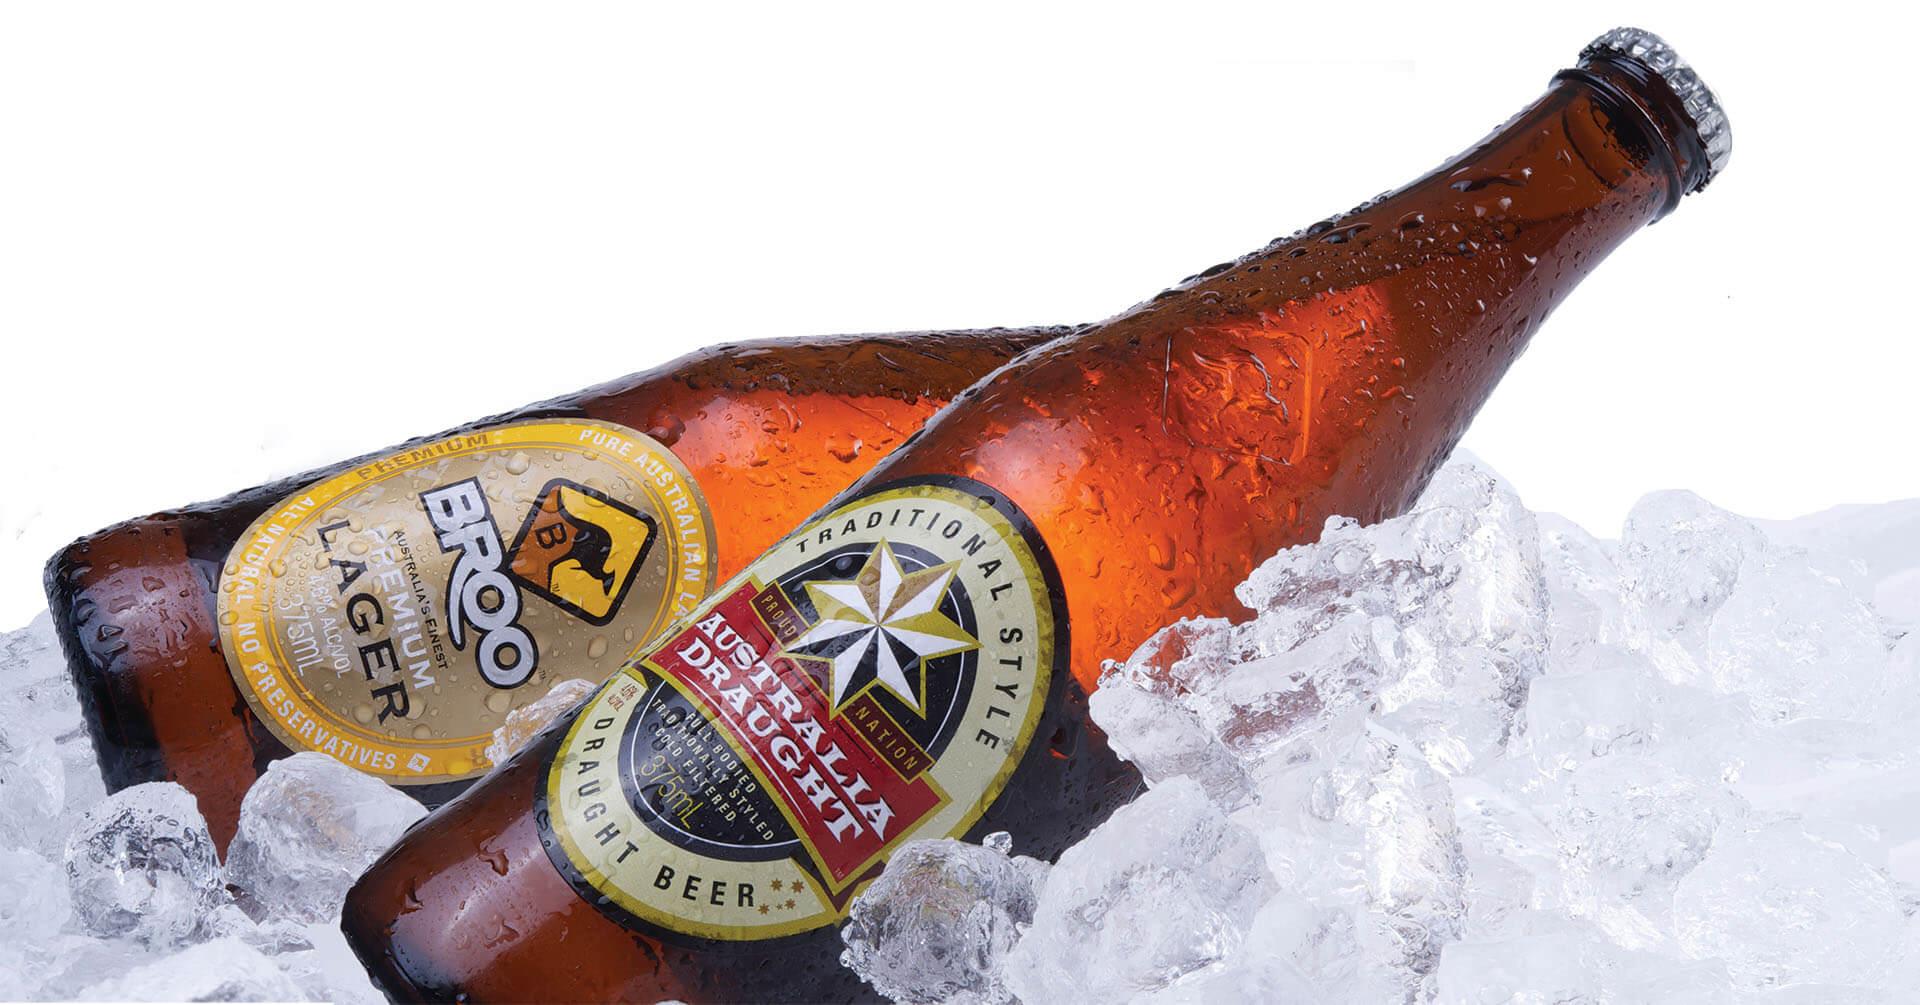 broo-lager-australia-draught (1).jpg